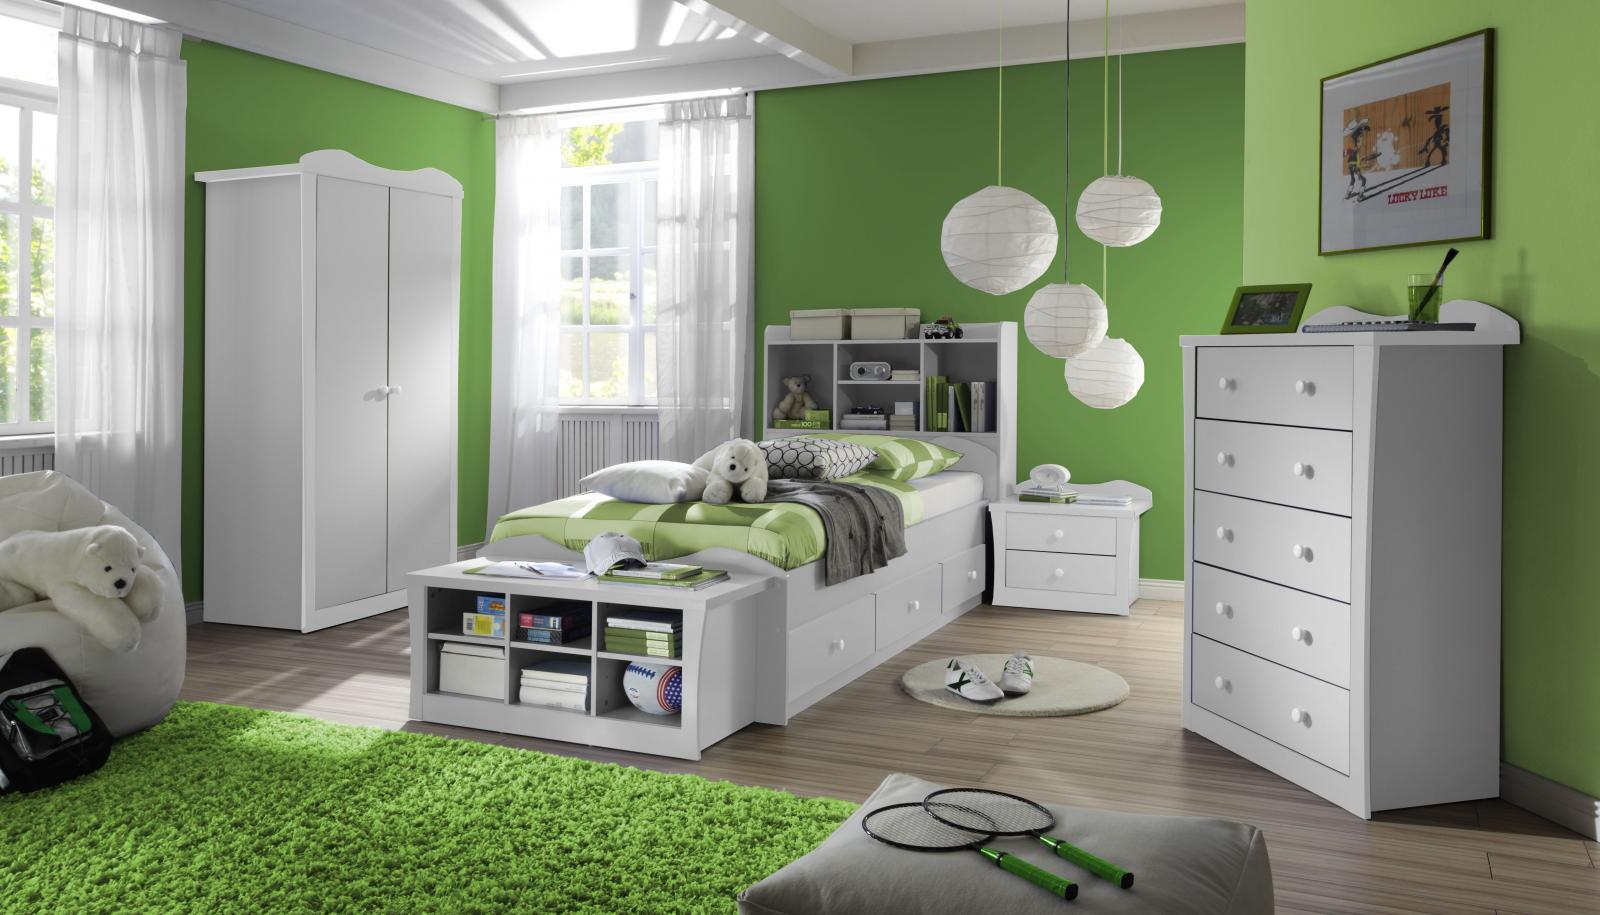 Dormitorio para ni os color verde ideas para decorar - Dormitorio de ninos ...